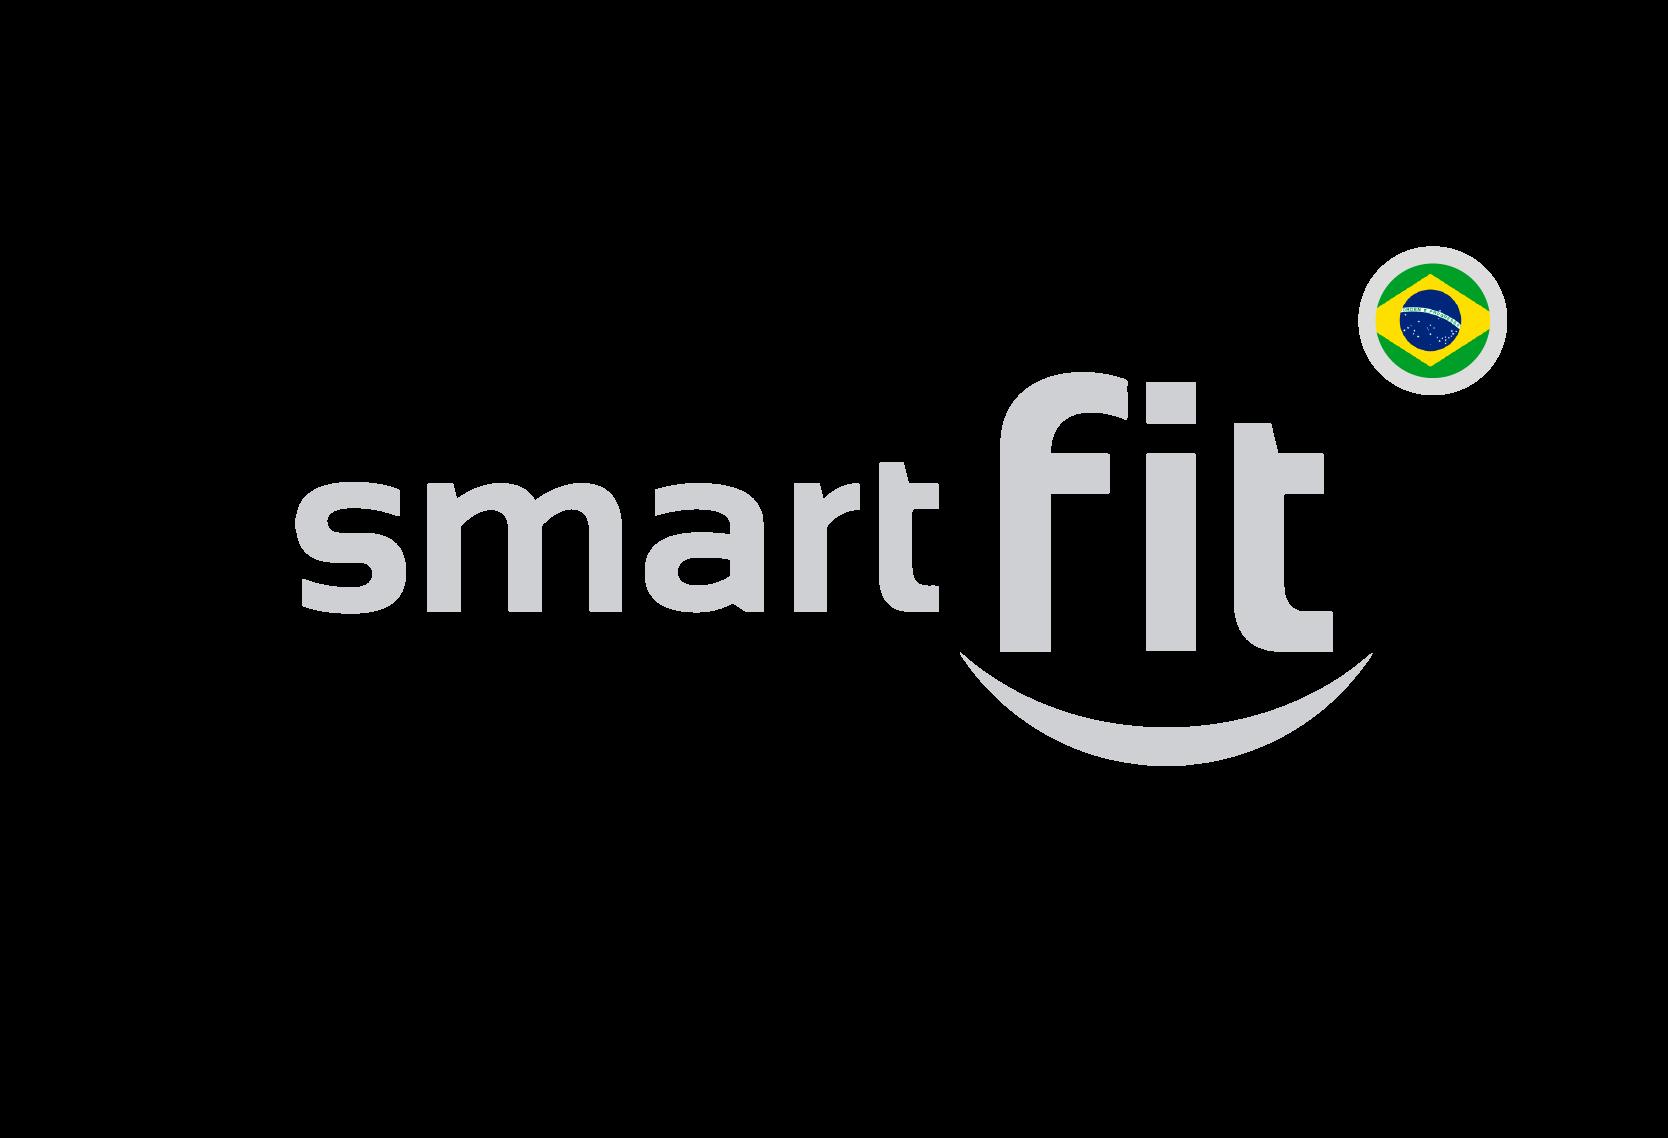 smartfit-brasil-02-1